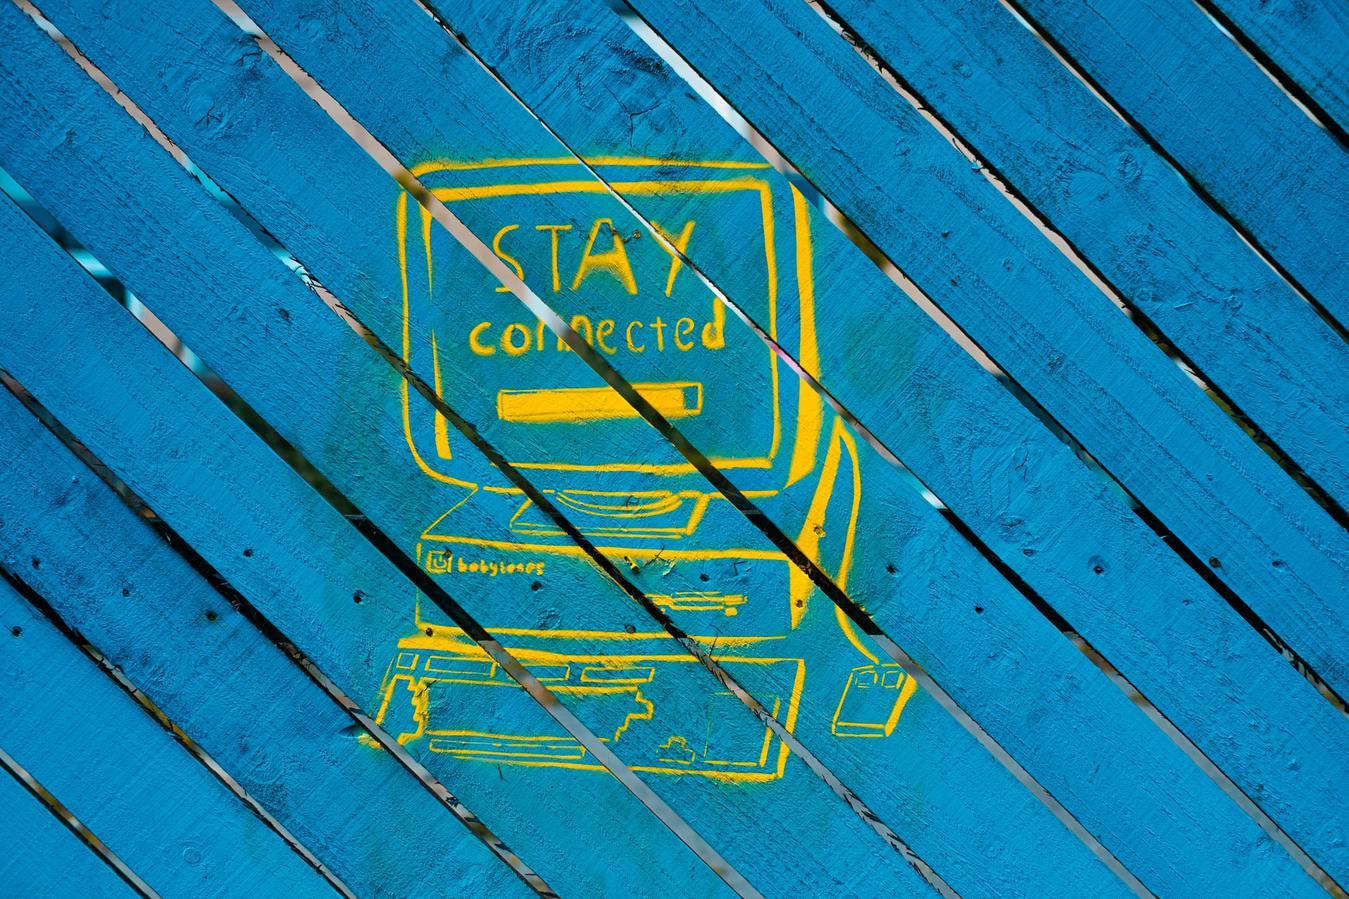 Desenho de computador com fundo azul